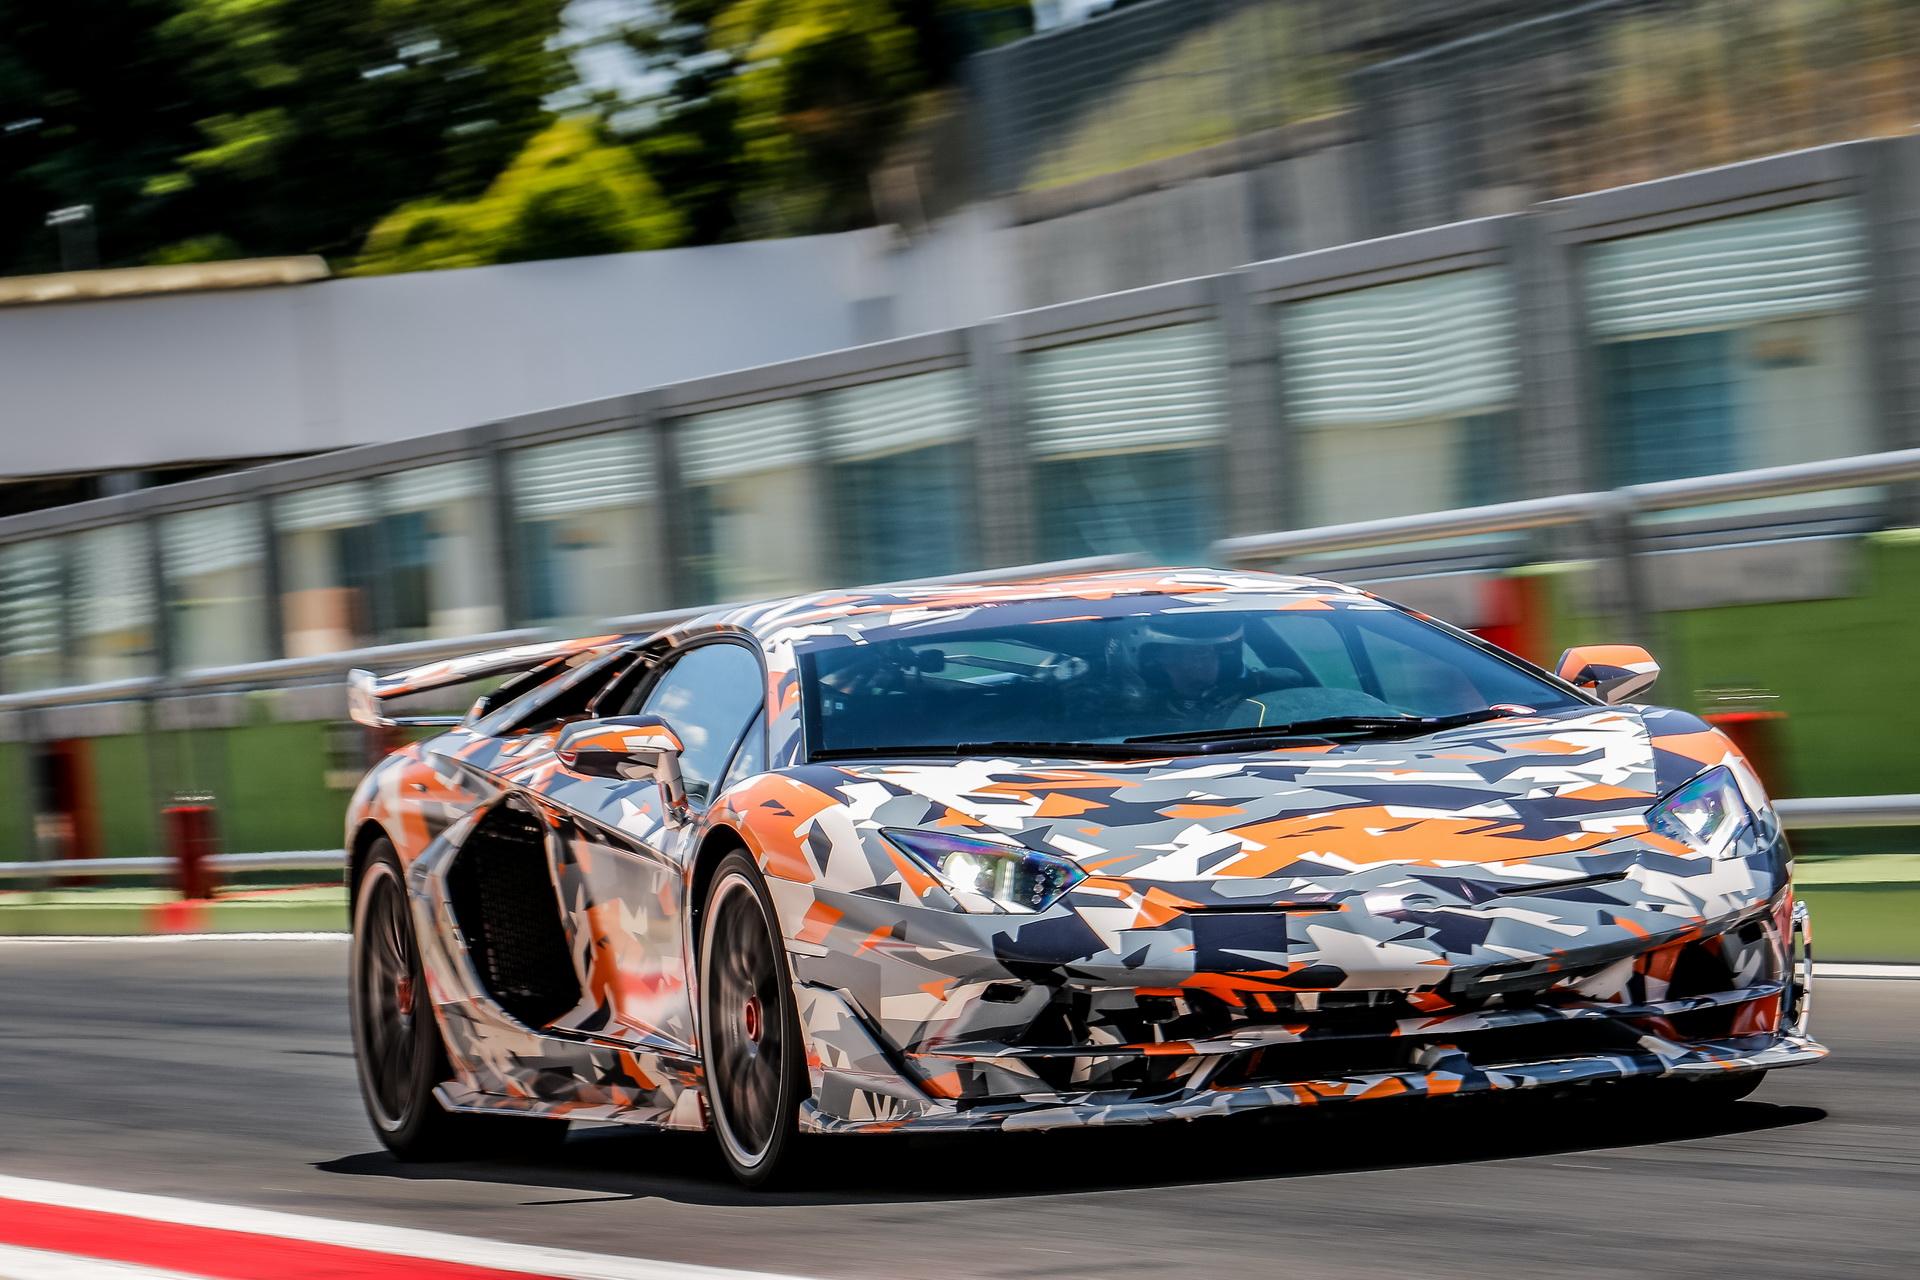 Lamborghini_Aventador_SVJ_0008